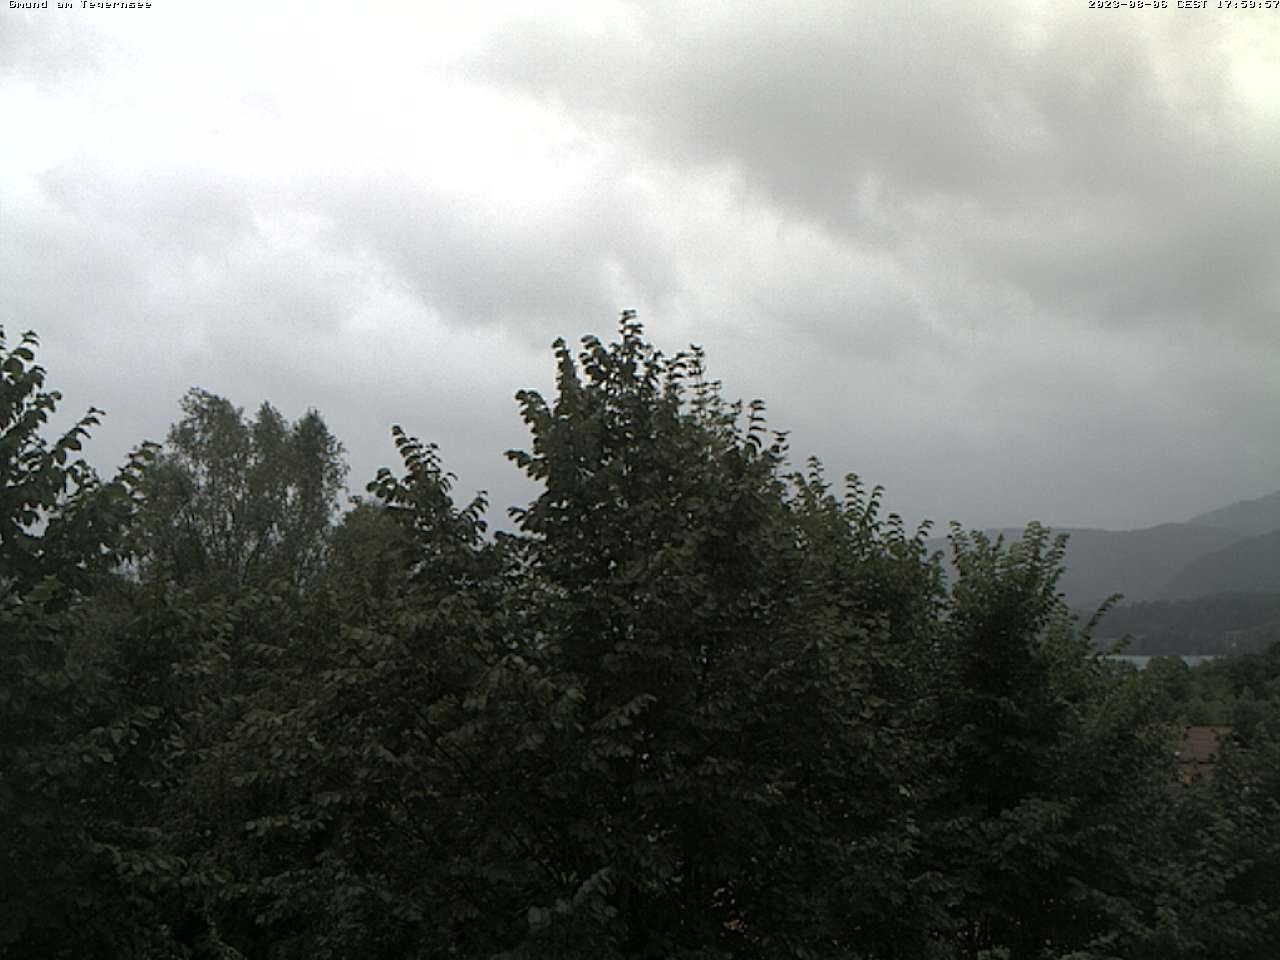 Webcam Ski Resort Gmund - Ödberg Gmund - Bavaria Alps - Upper Bavaria